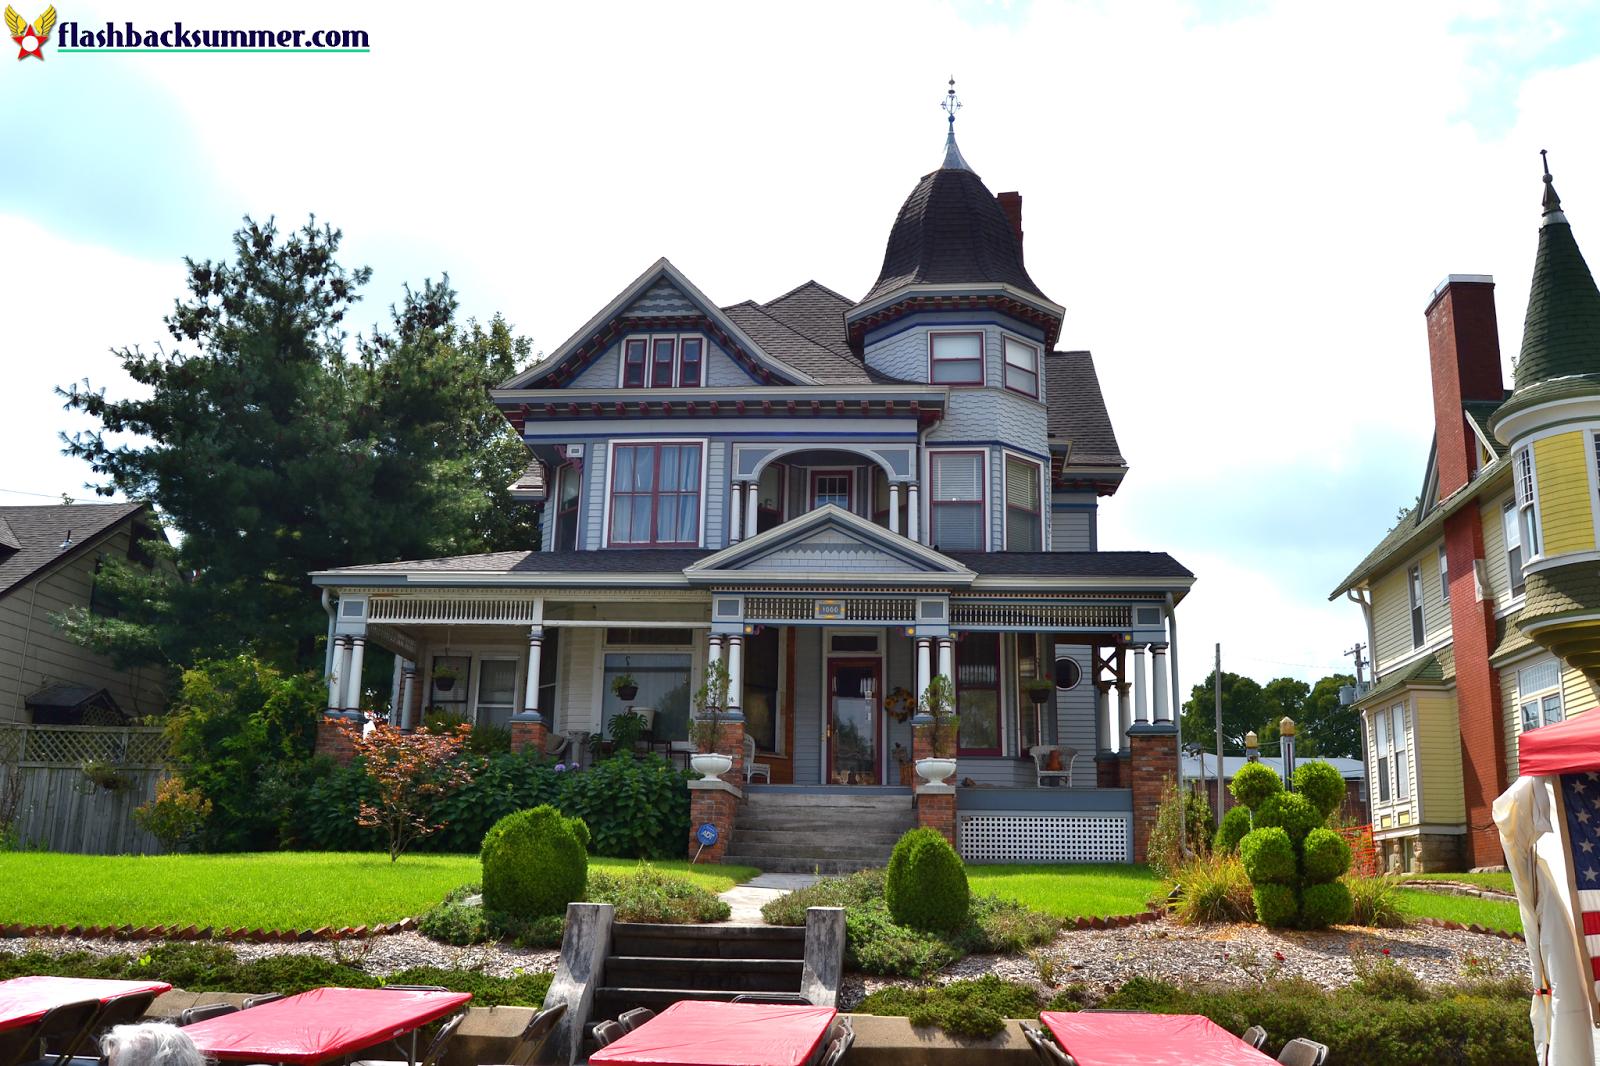 Flashback Summer: Cider Days 2014, Springfield Missouri, Walnut Street Victorian house